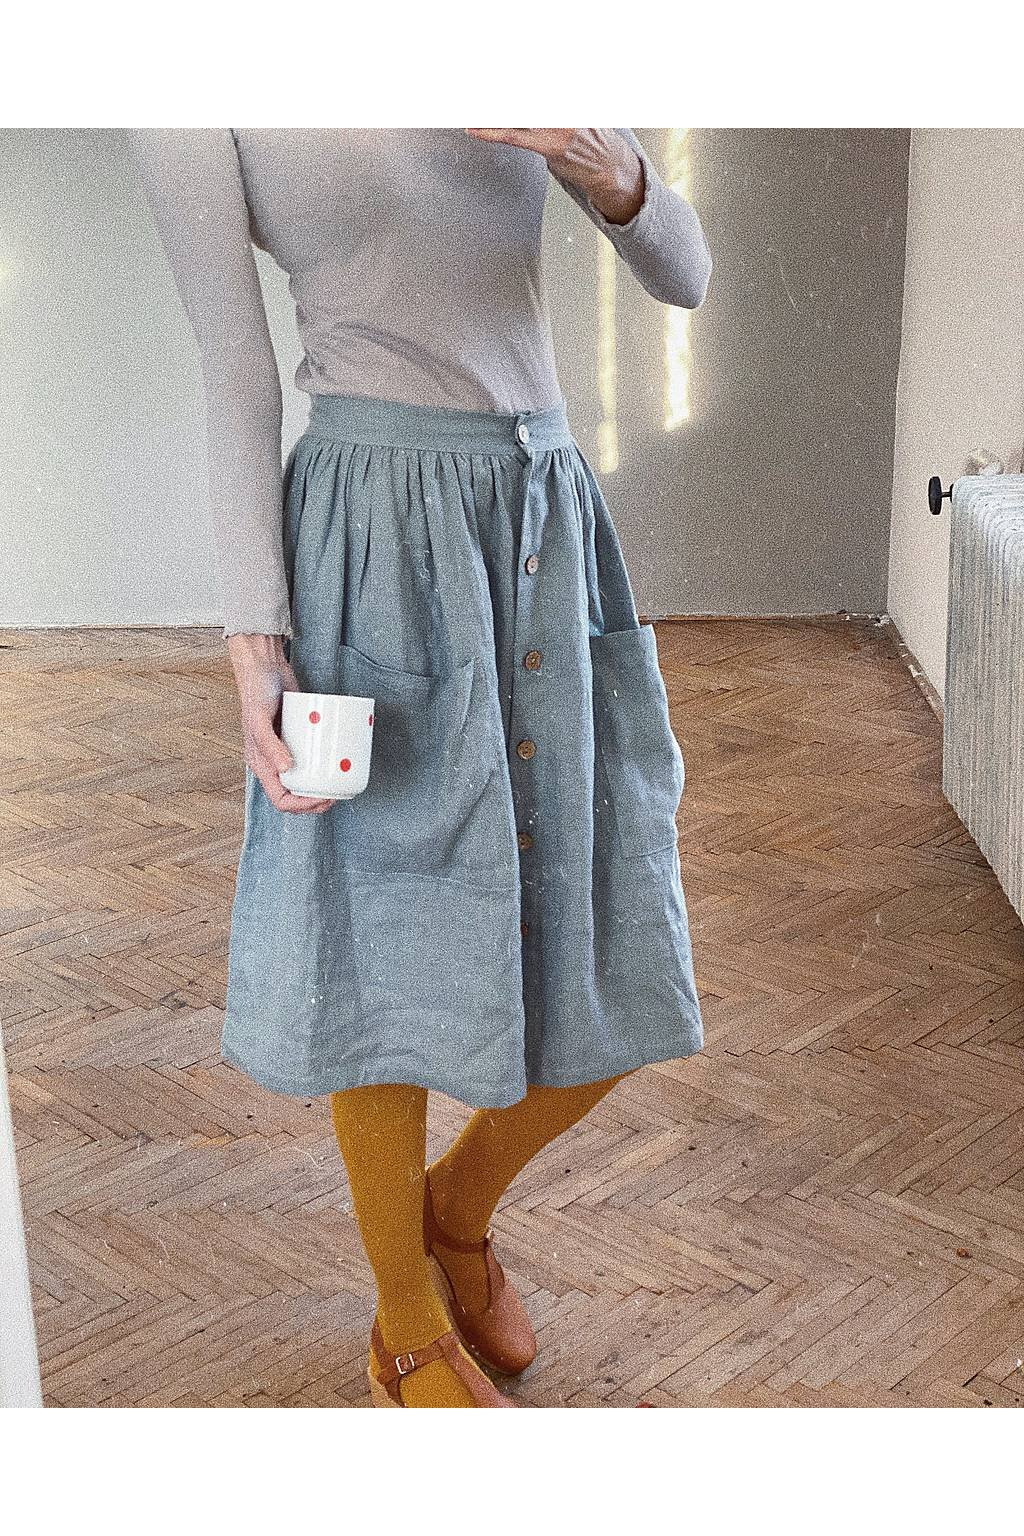 Dámska ľanová sukňa s gombíkmi - rôzne farby